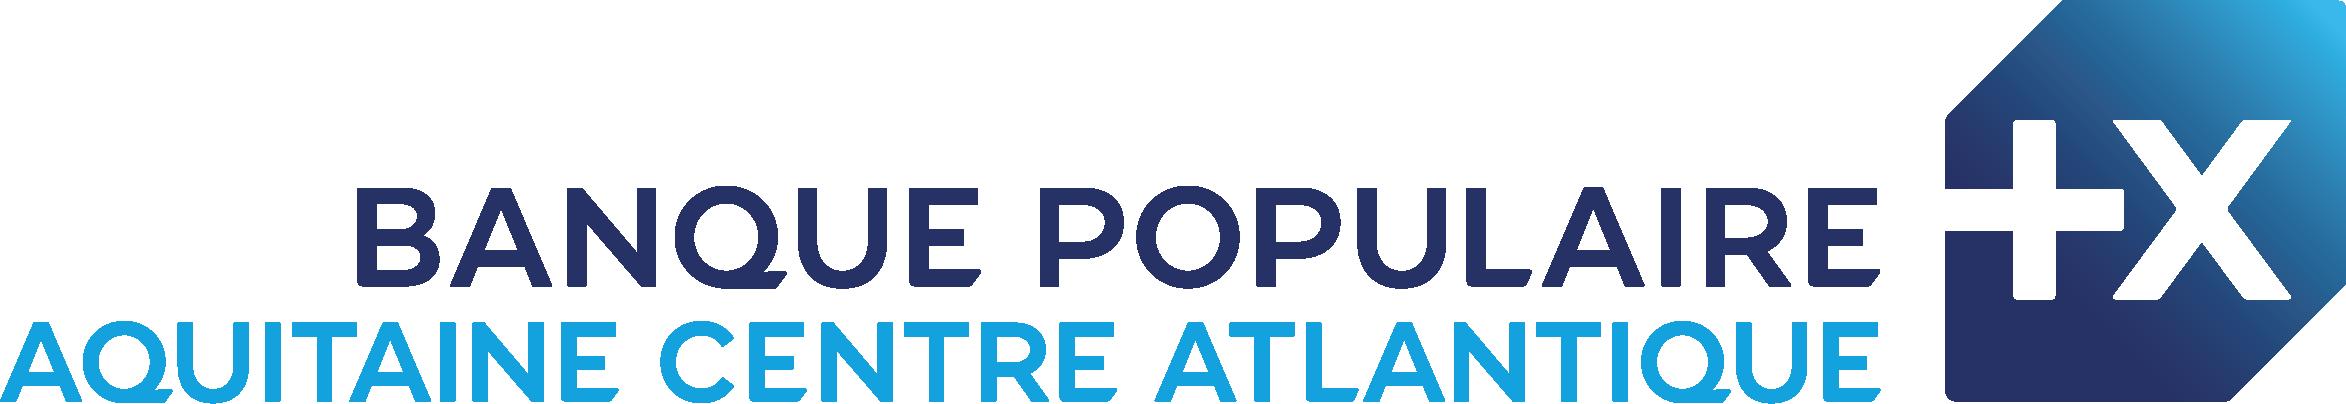 BANQUE_POPULAIRE_ACA_LOGO